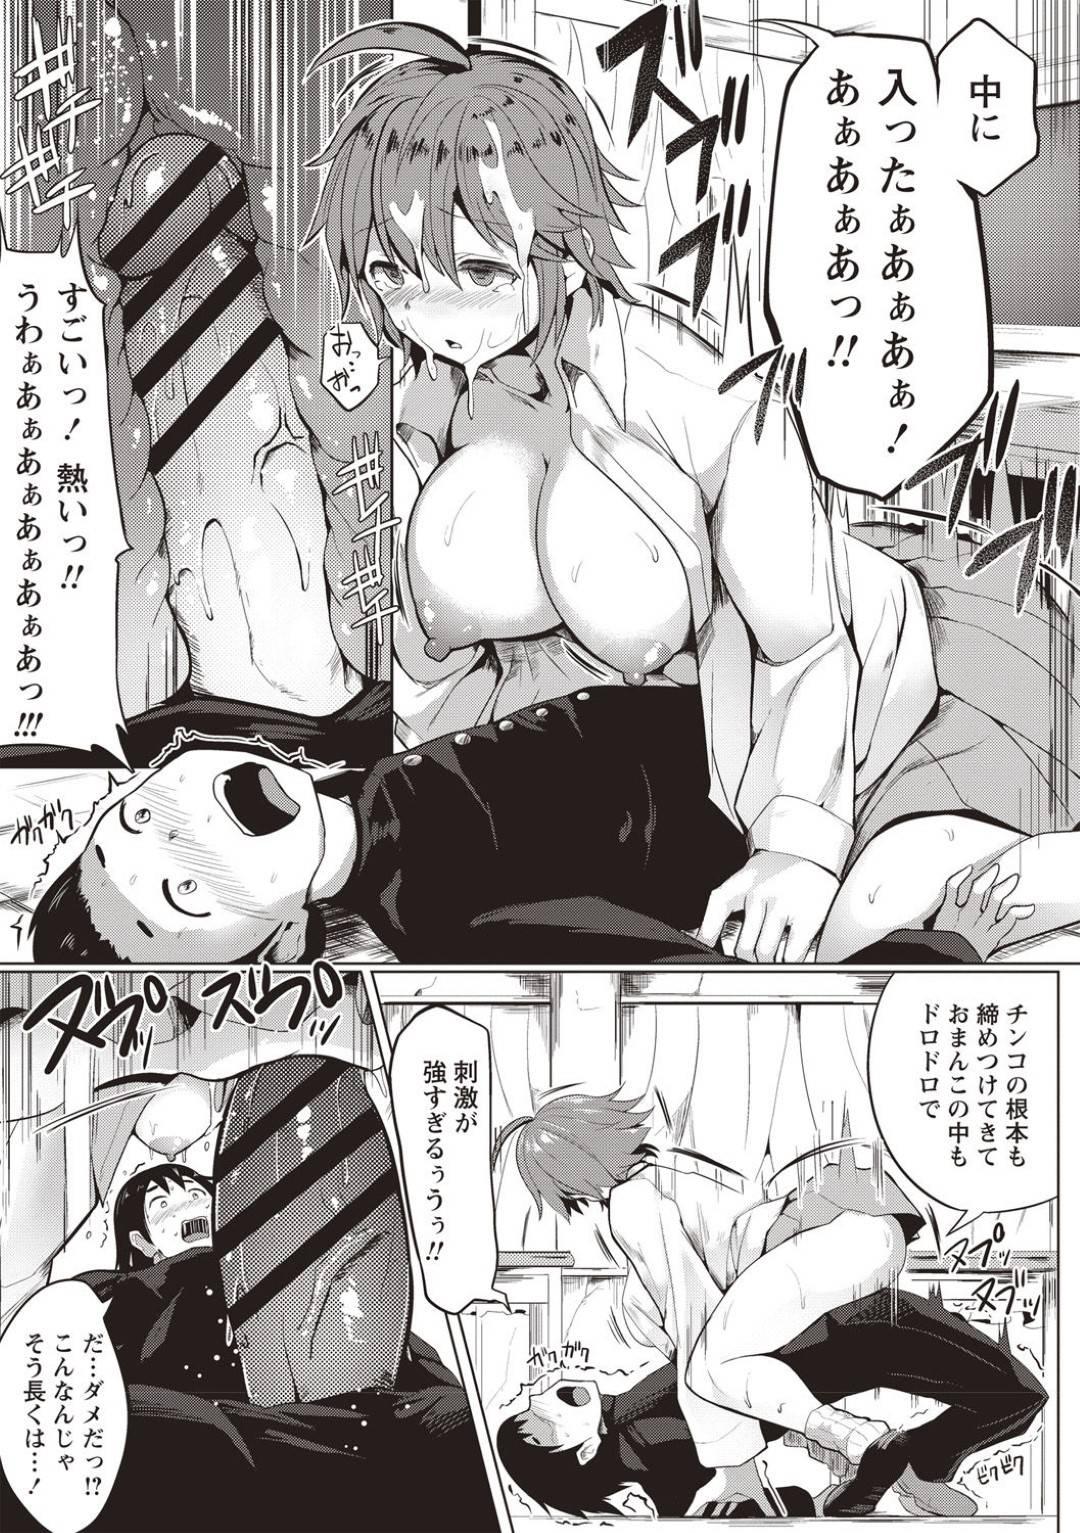 【ヤンキー催眠エロ漫画】イジメ少年に催眠をかけられた巨乳ヤンキーJKは、自らフェラや騎乗位セックスなどし始め性処理肉便器として陵辱種付けレイプされ快楽に堕ちる。【みくに瑞貴】